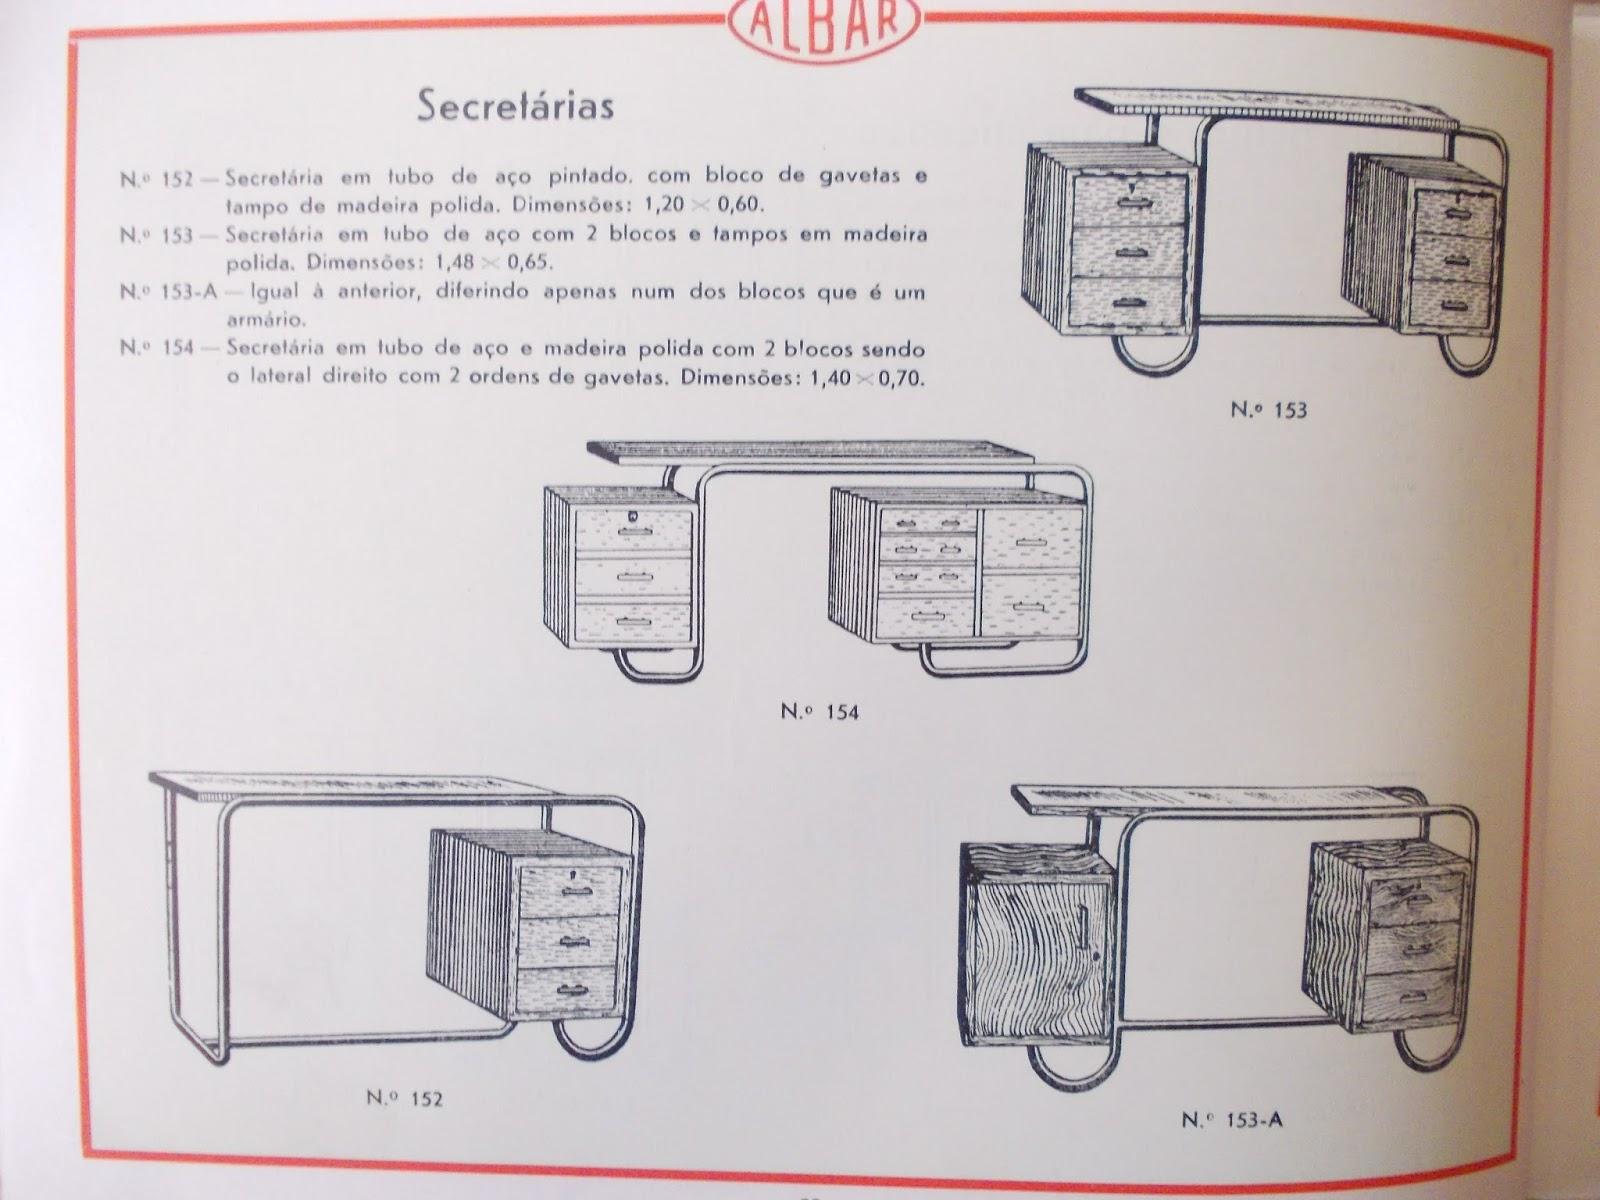 Ilustração Antiga: Albino de Matos Pereiras & Barros #A02E2B 1600x1200